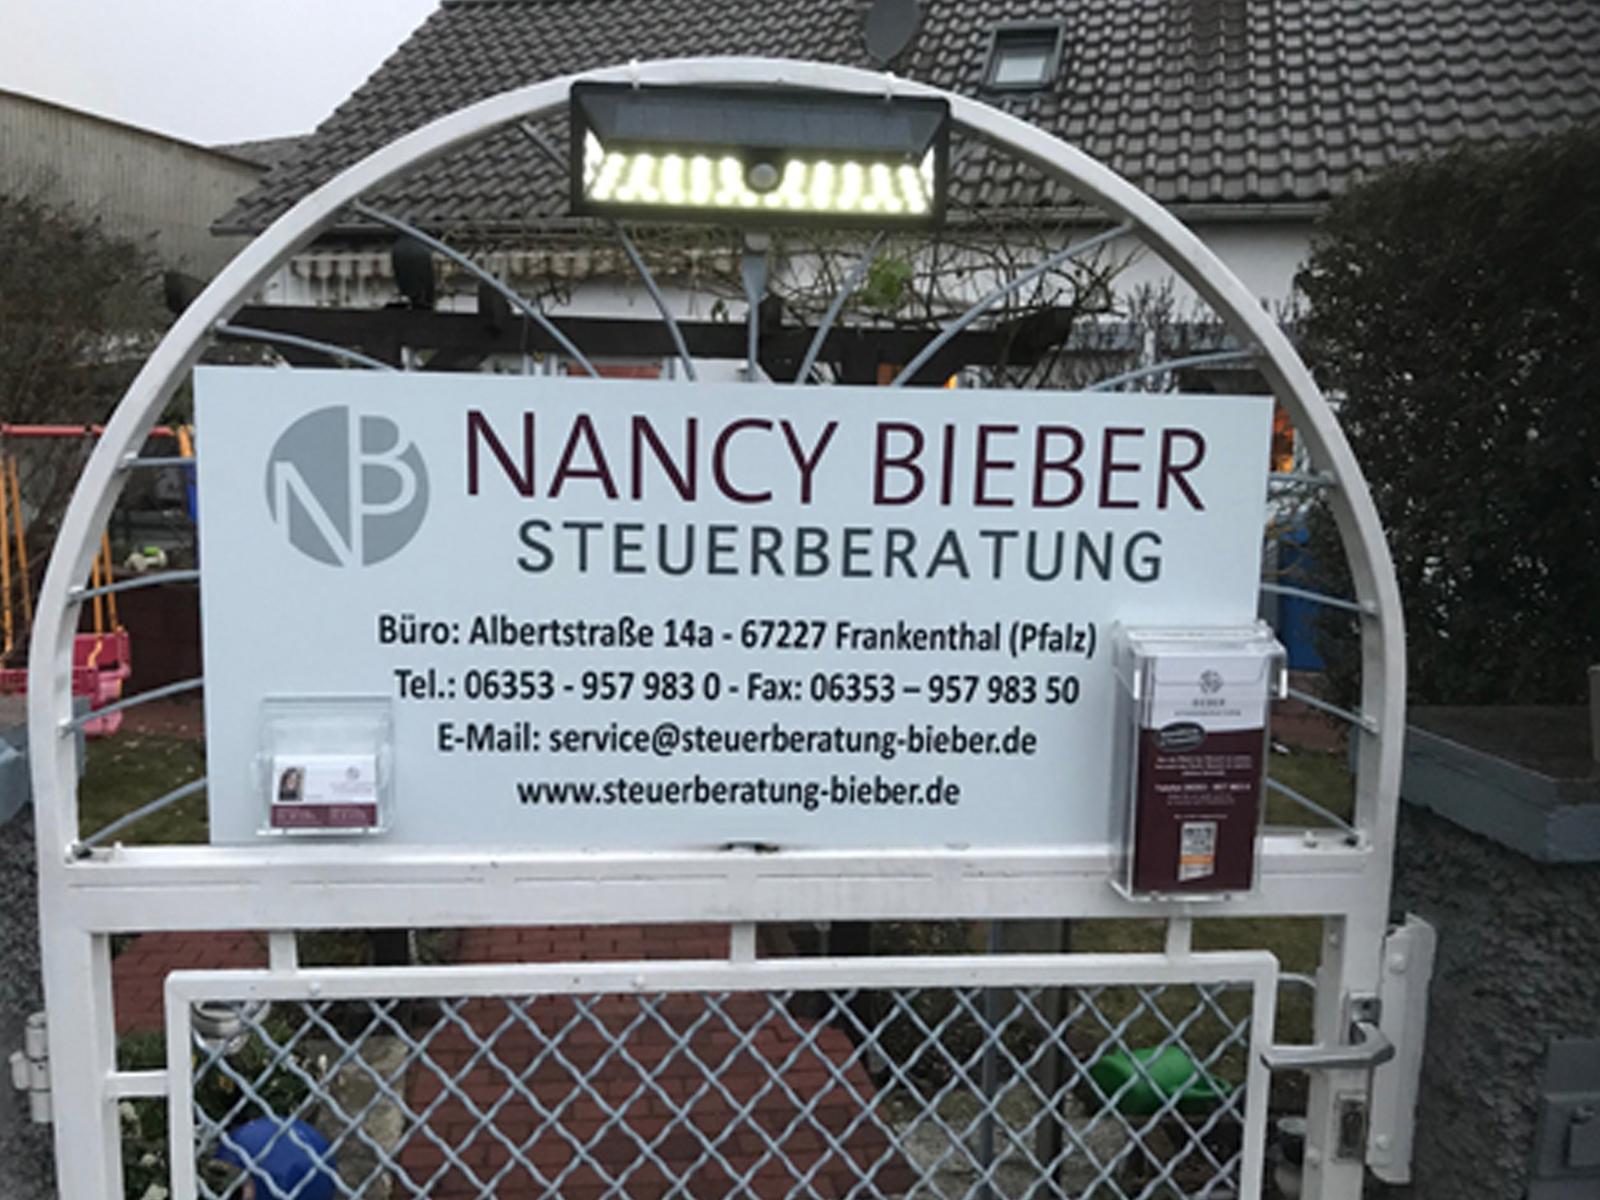 Heisinger Werbetechnik, Ihre Agentur für Werbung aus Neustadt a. d. W. und Frankenthal